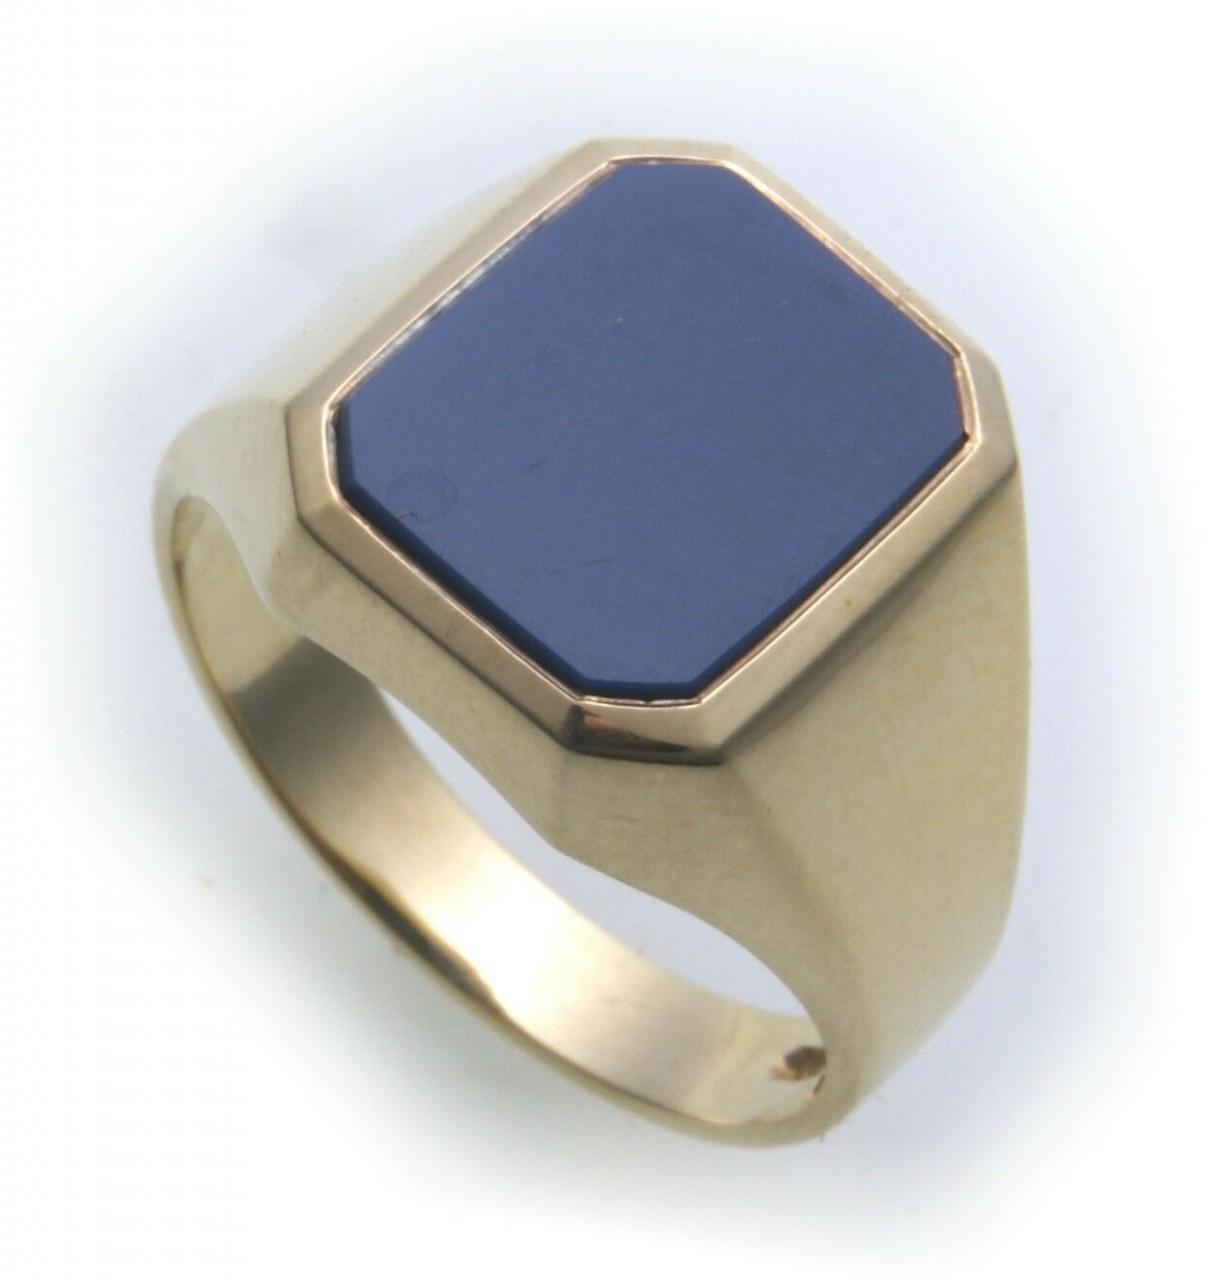 Herren Ring echt Gold 585 echt Lagenstein Siegelring 14karatt Gelbgold blau Neu